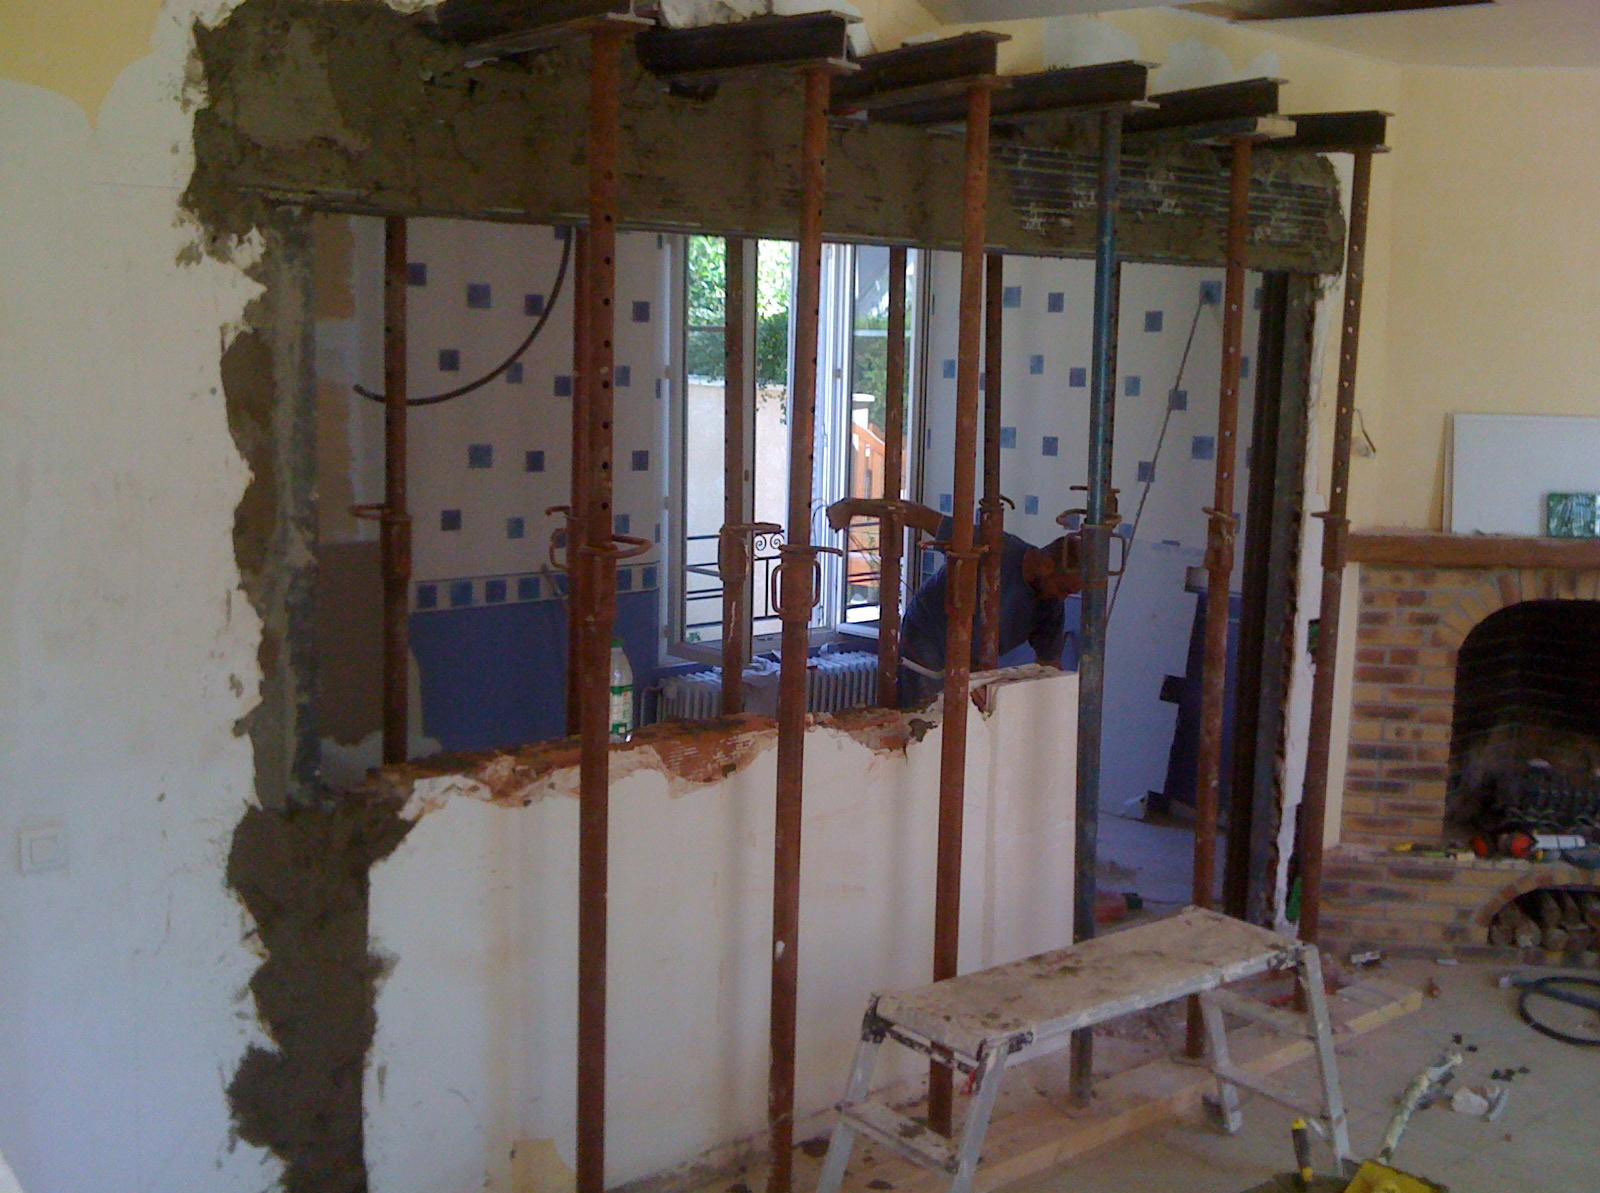 Ouverture mur porteur ou mur de refend par chevalement 5 le mur porteur - Poser bloc porte entre 2 murs ...